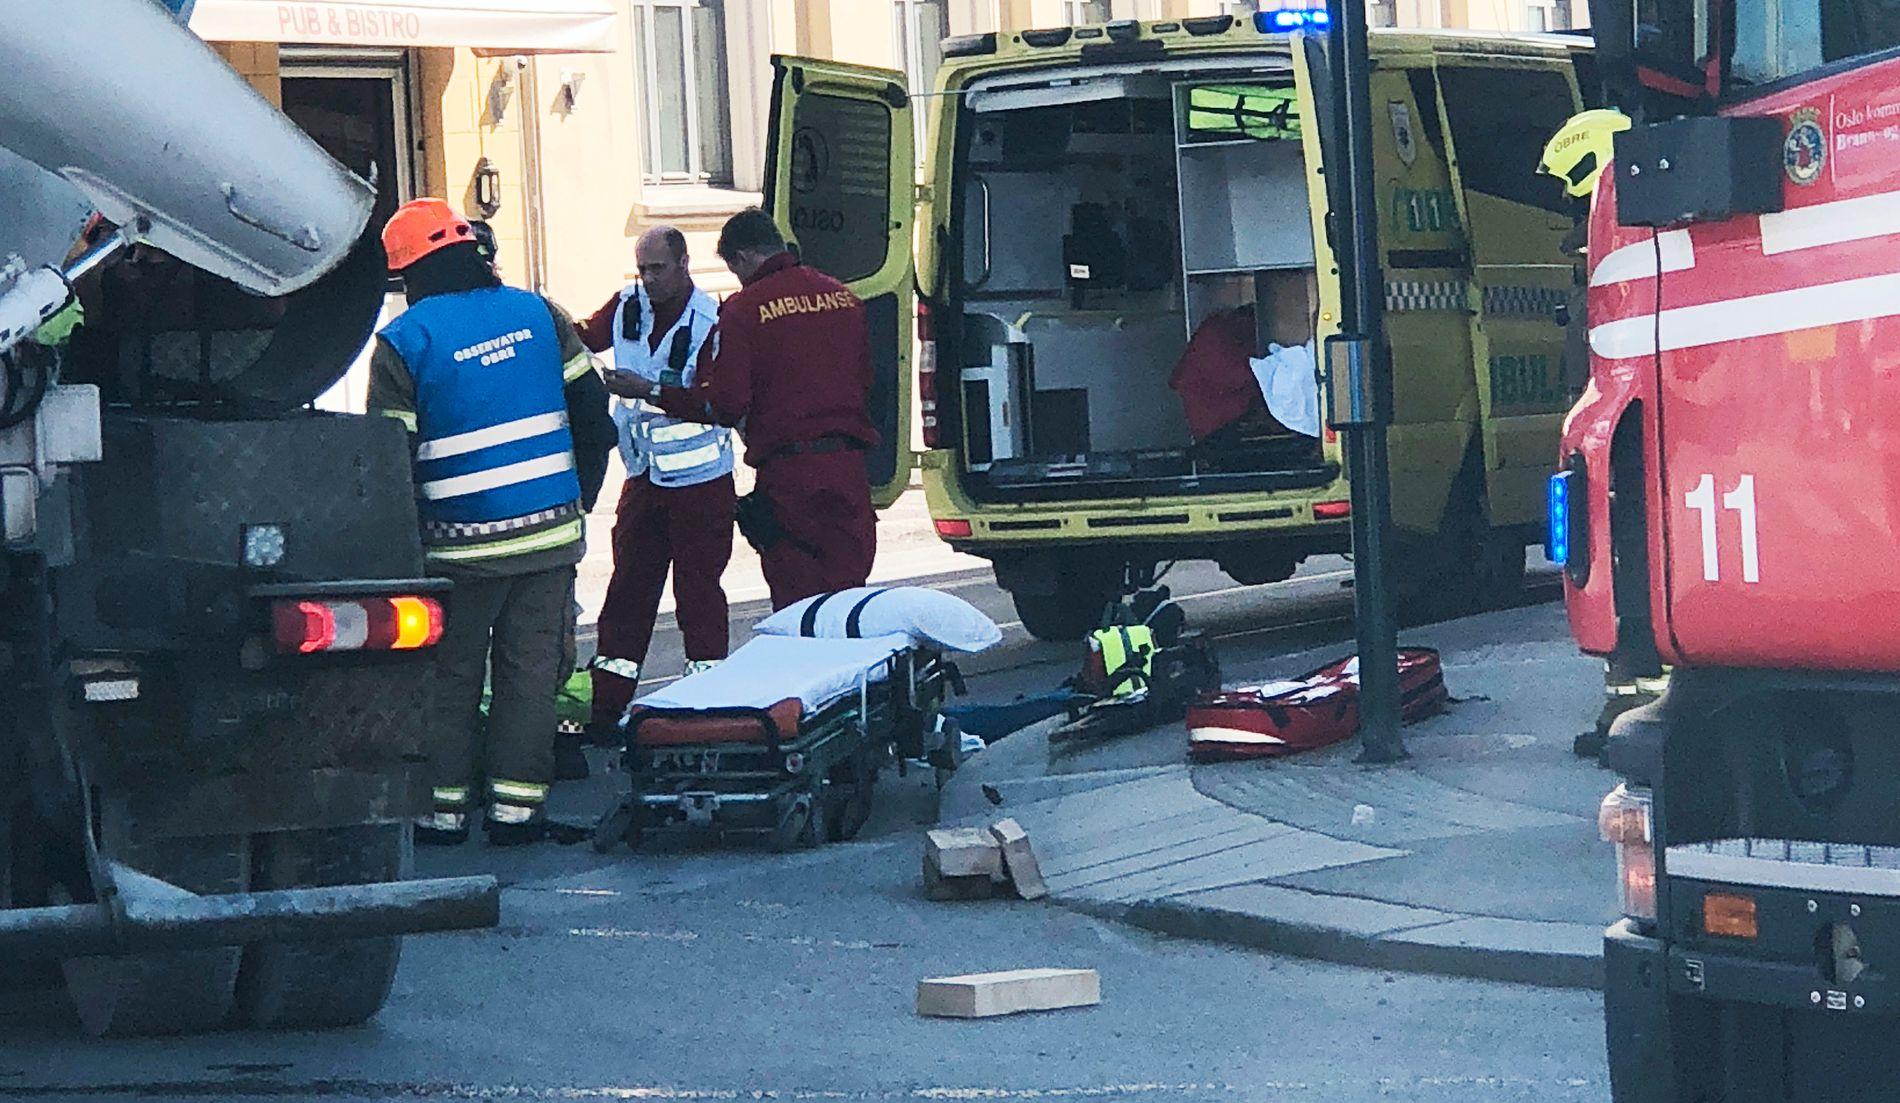 ALVORLIG: En syklist har kollidert med en lastebil i Oslo.